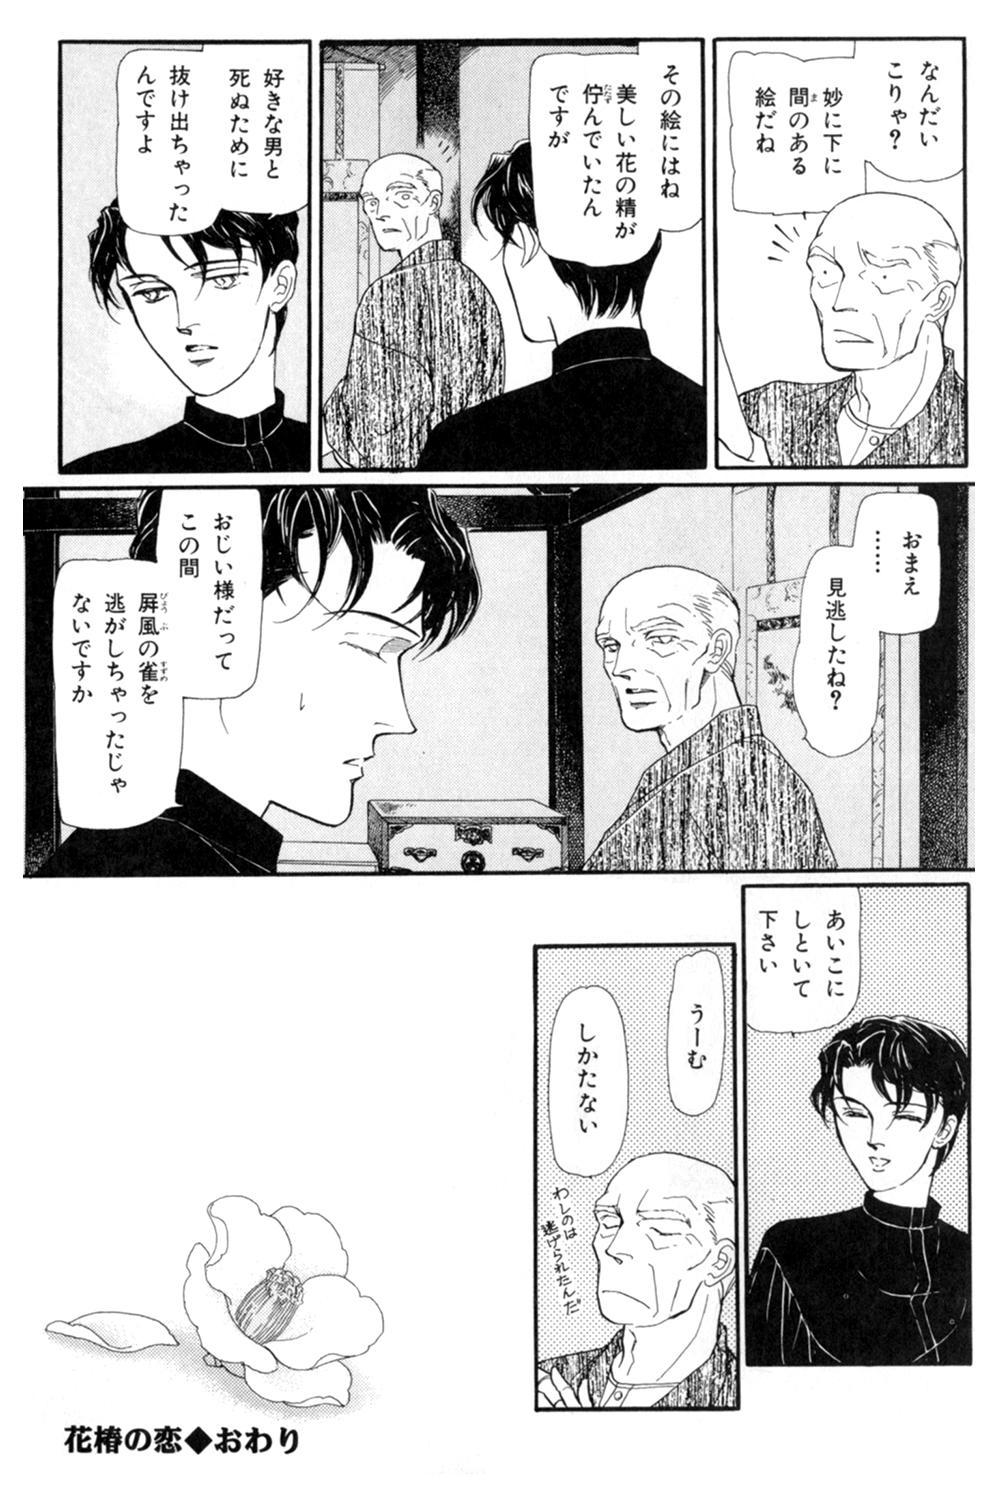 雨柳堂夢咄 第1話「花椿の恋」②uryu26.jpg